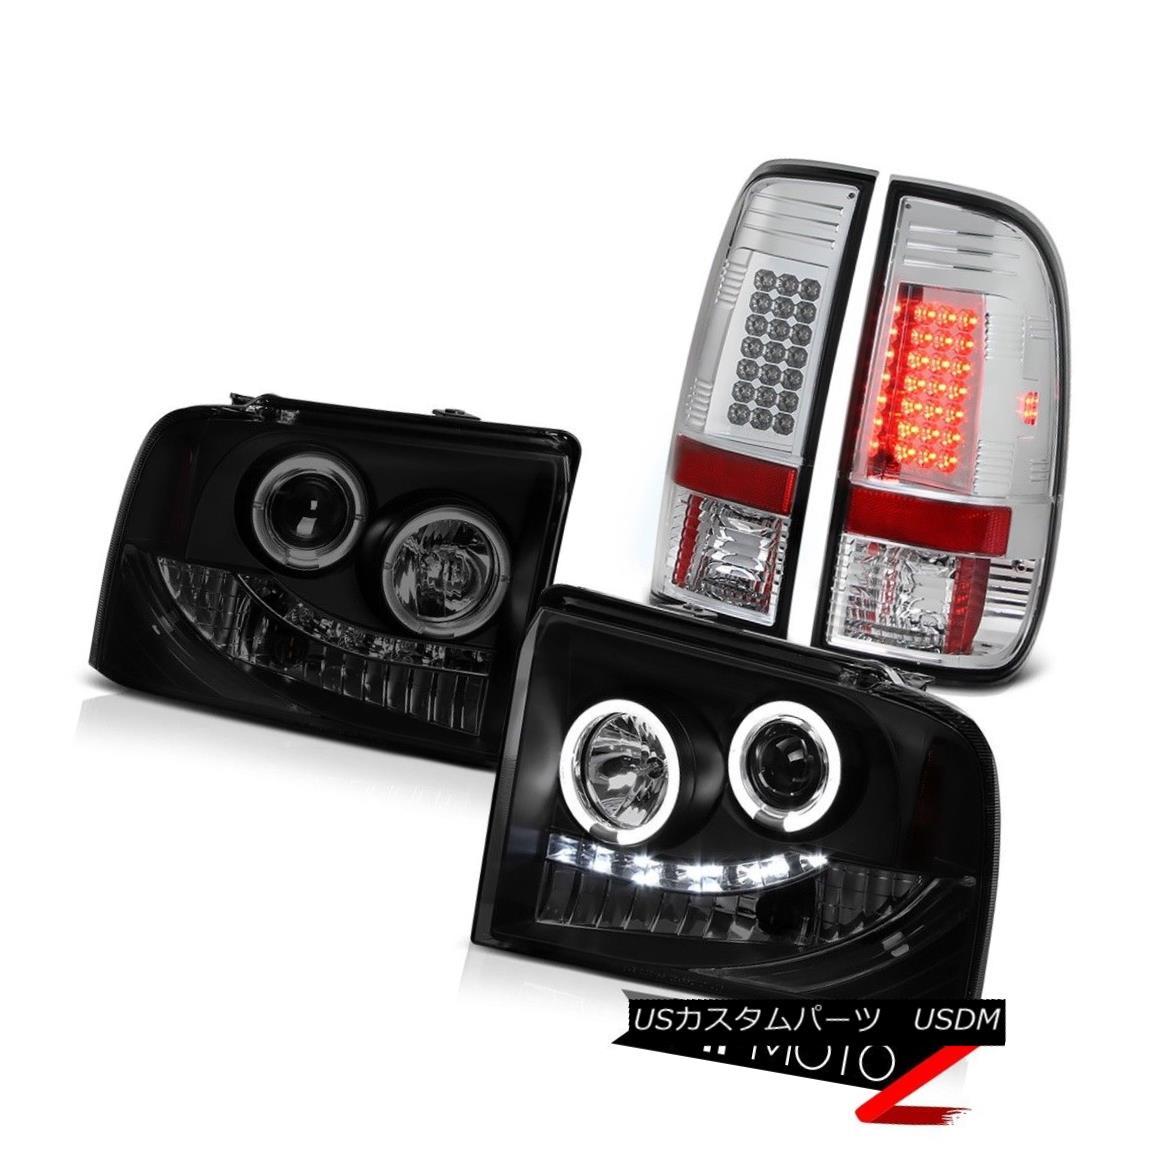 テールライト 2005 2006 2007 Ford F350 SuperDuty Lariat Headlights Halo LED Bright Tail Lights 2005年2006年2007年Ford F350 SuperDutyラリアートヘッドライトHalo LEDブライトテールライト